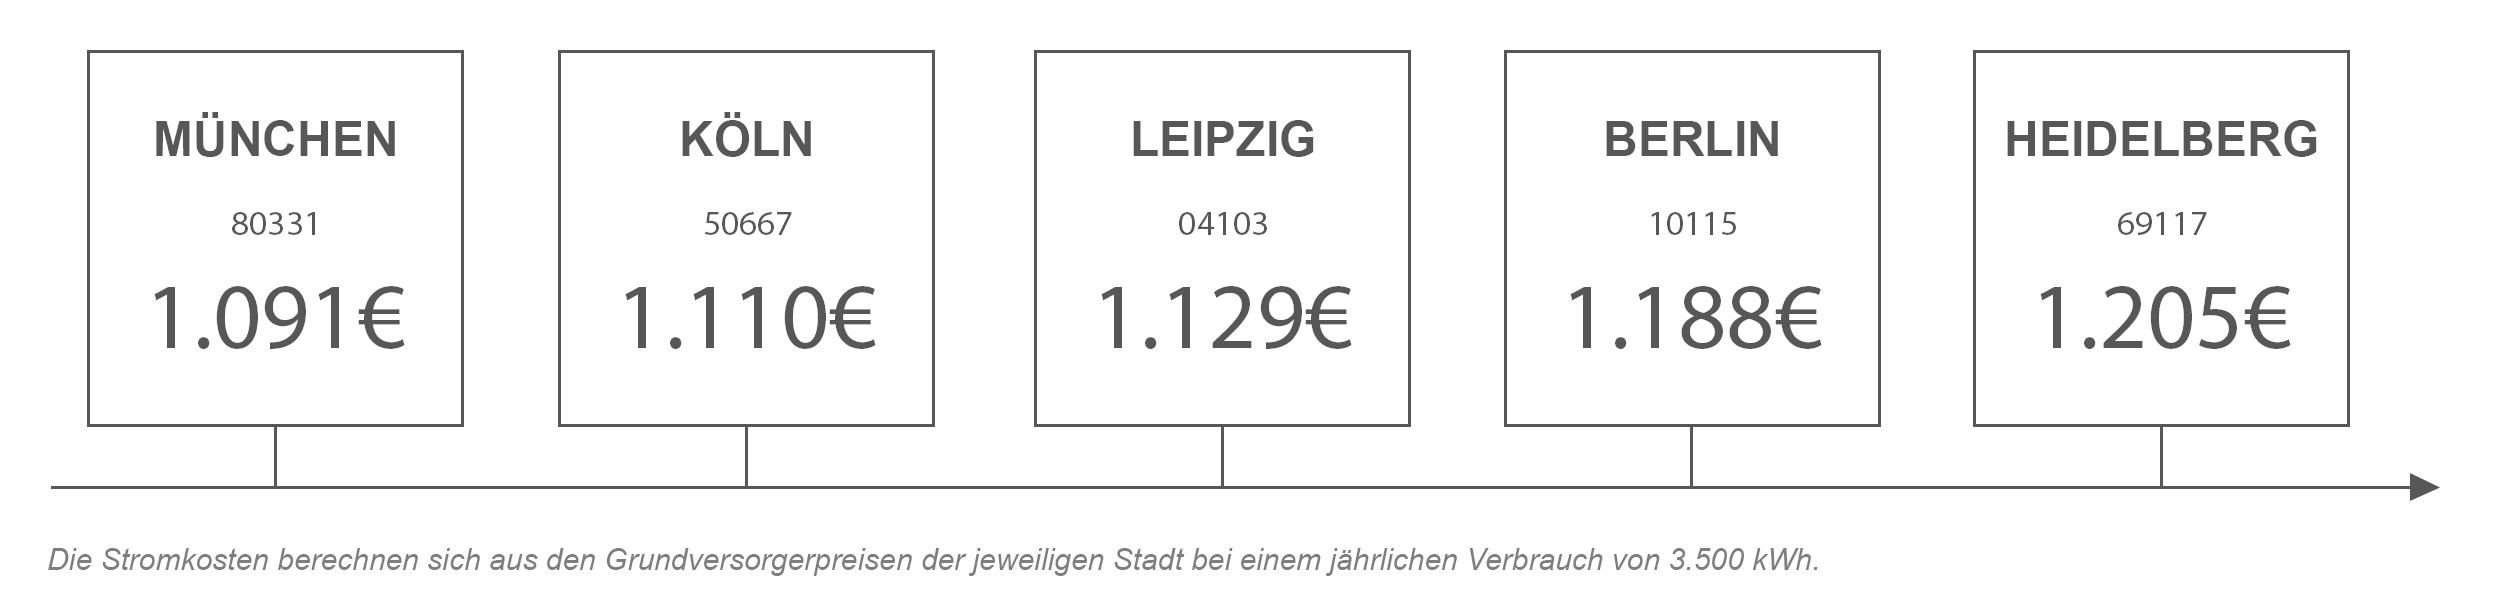 Strompreisvergleich von Heidelberg mit anderen Städten